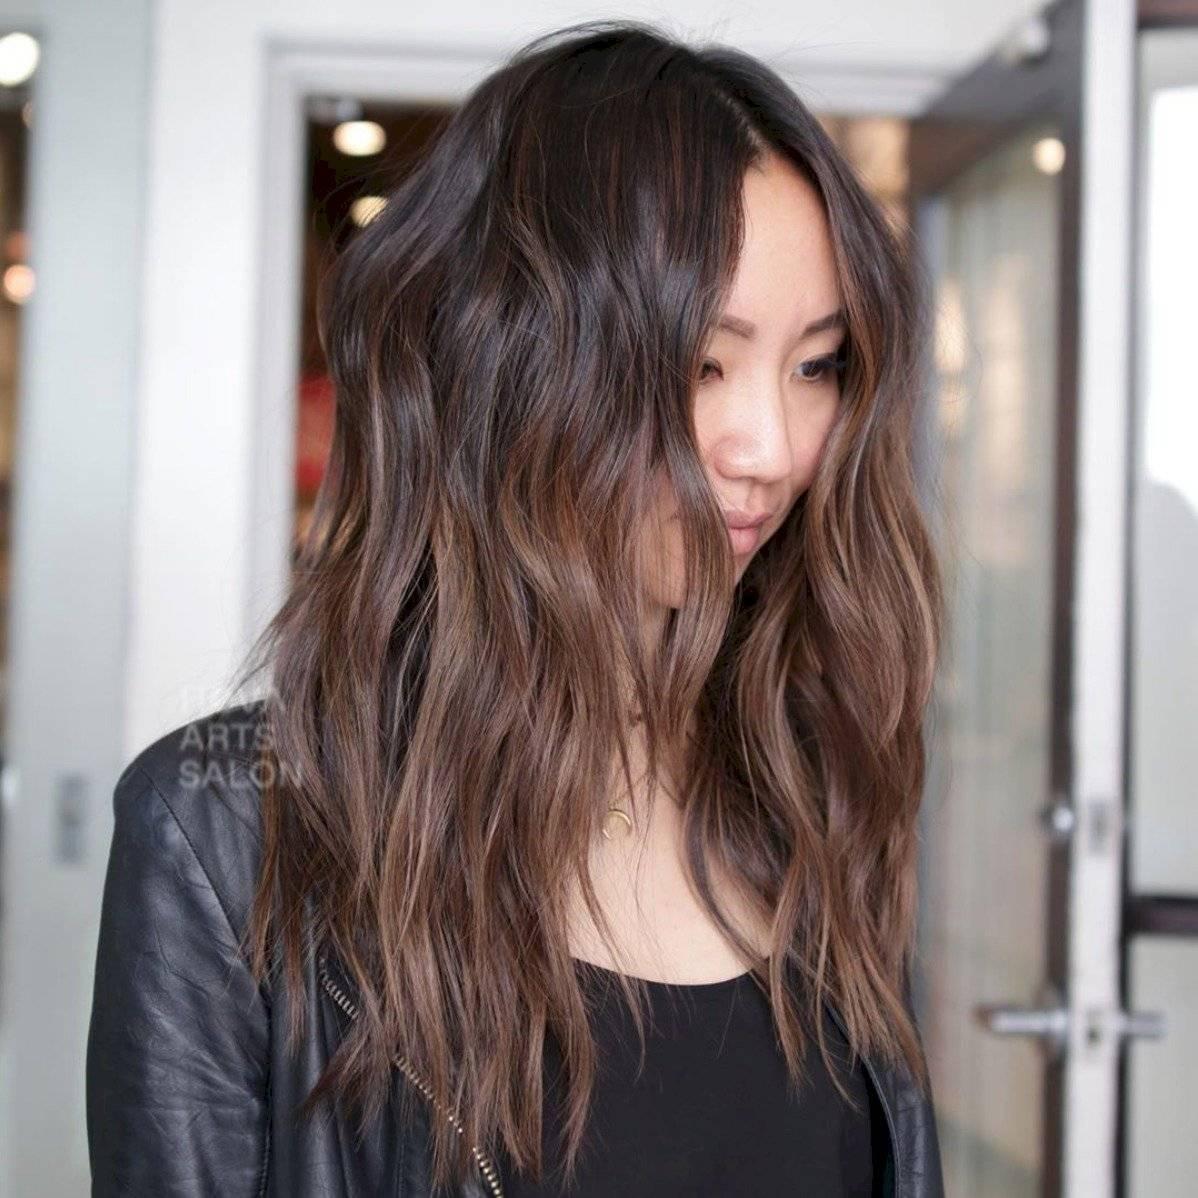 colores de cabello para morenas claras 2020